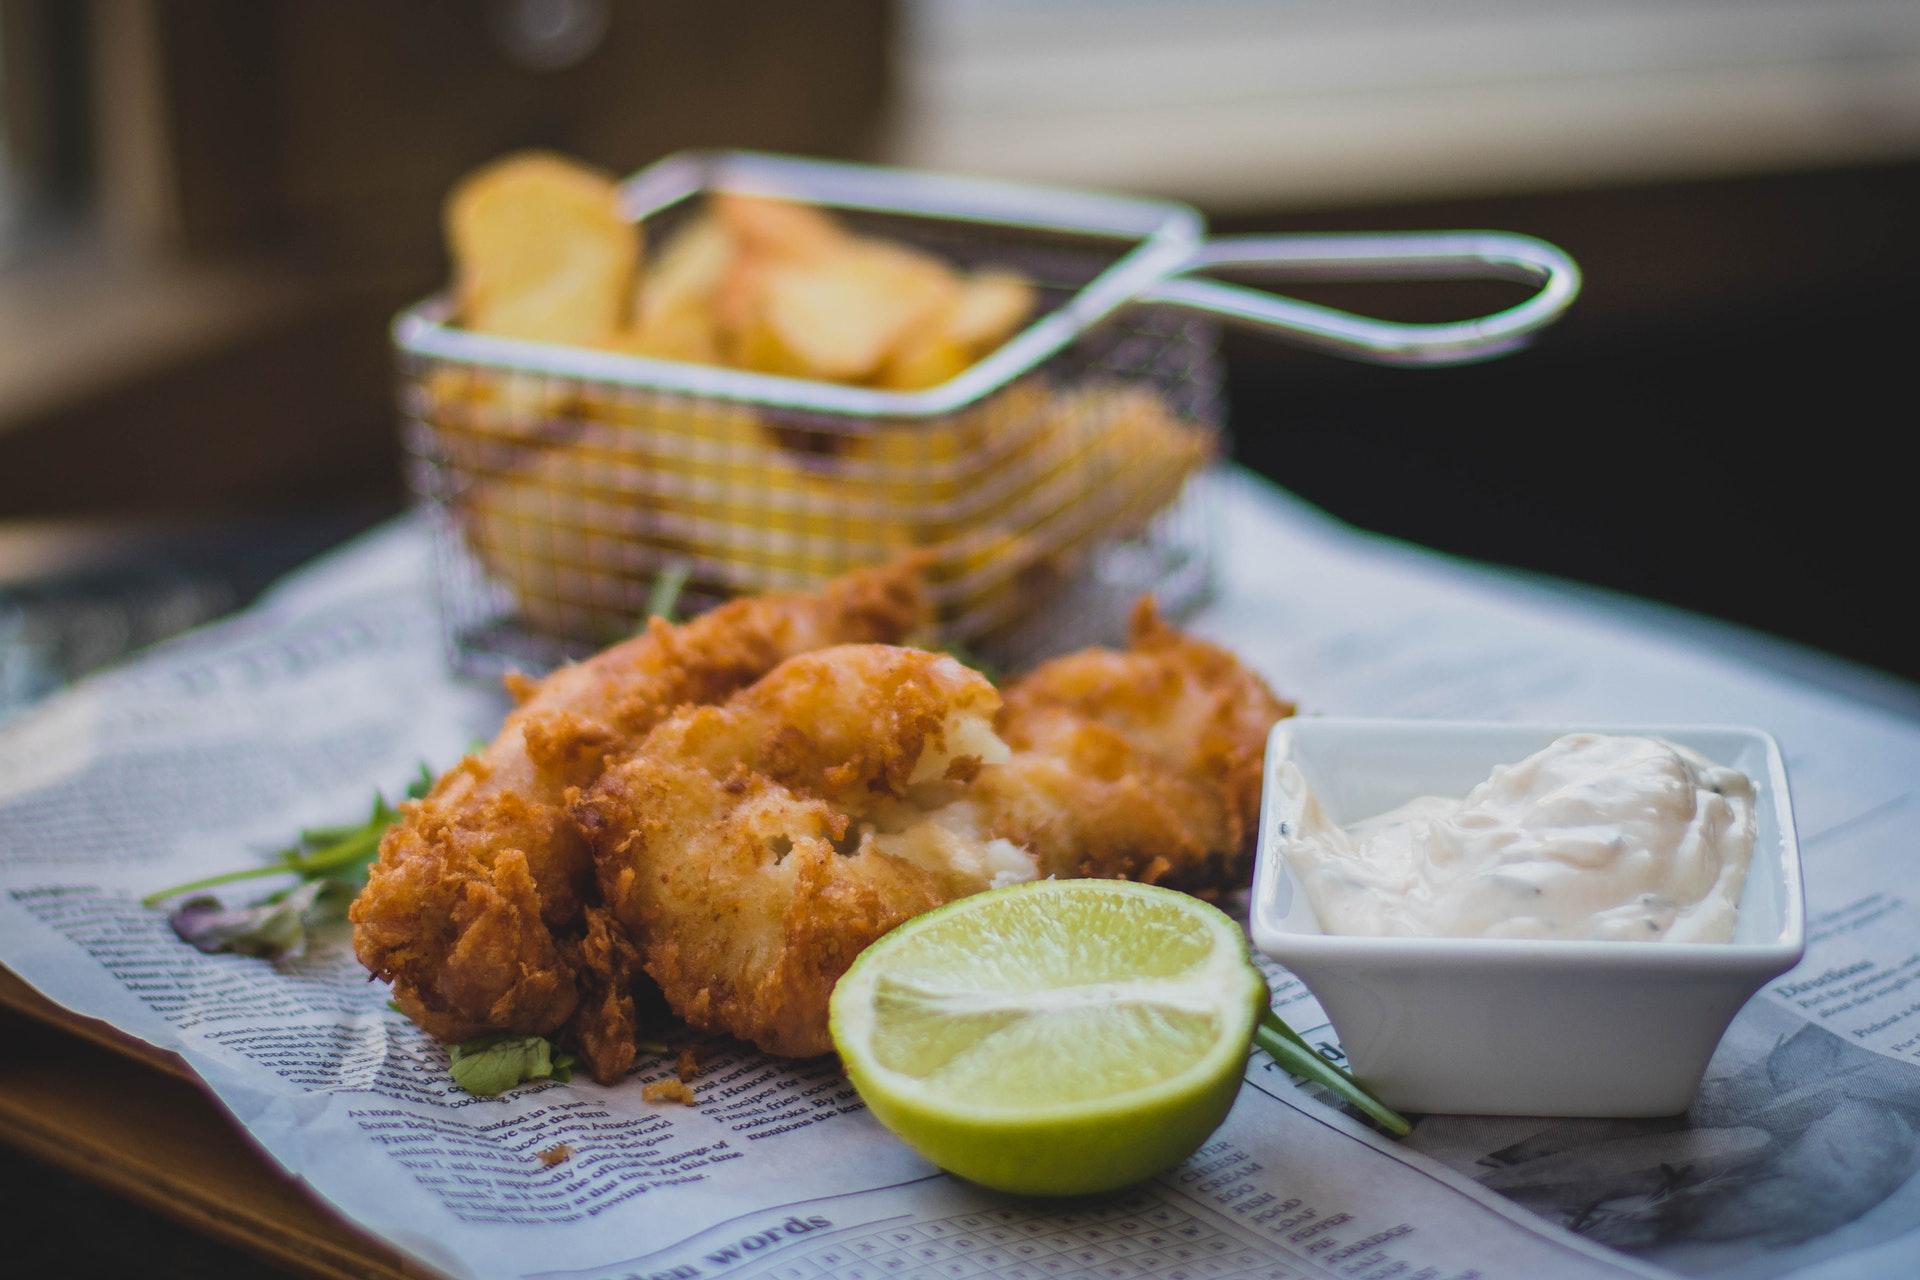 Fish&chips: Priča o krumpirićima i prženoj ribi